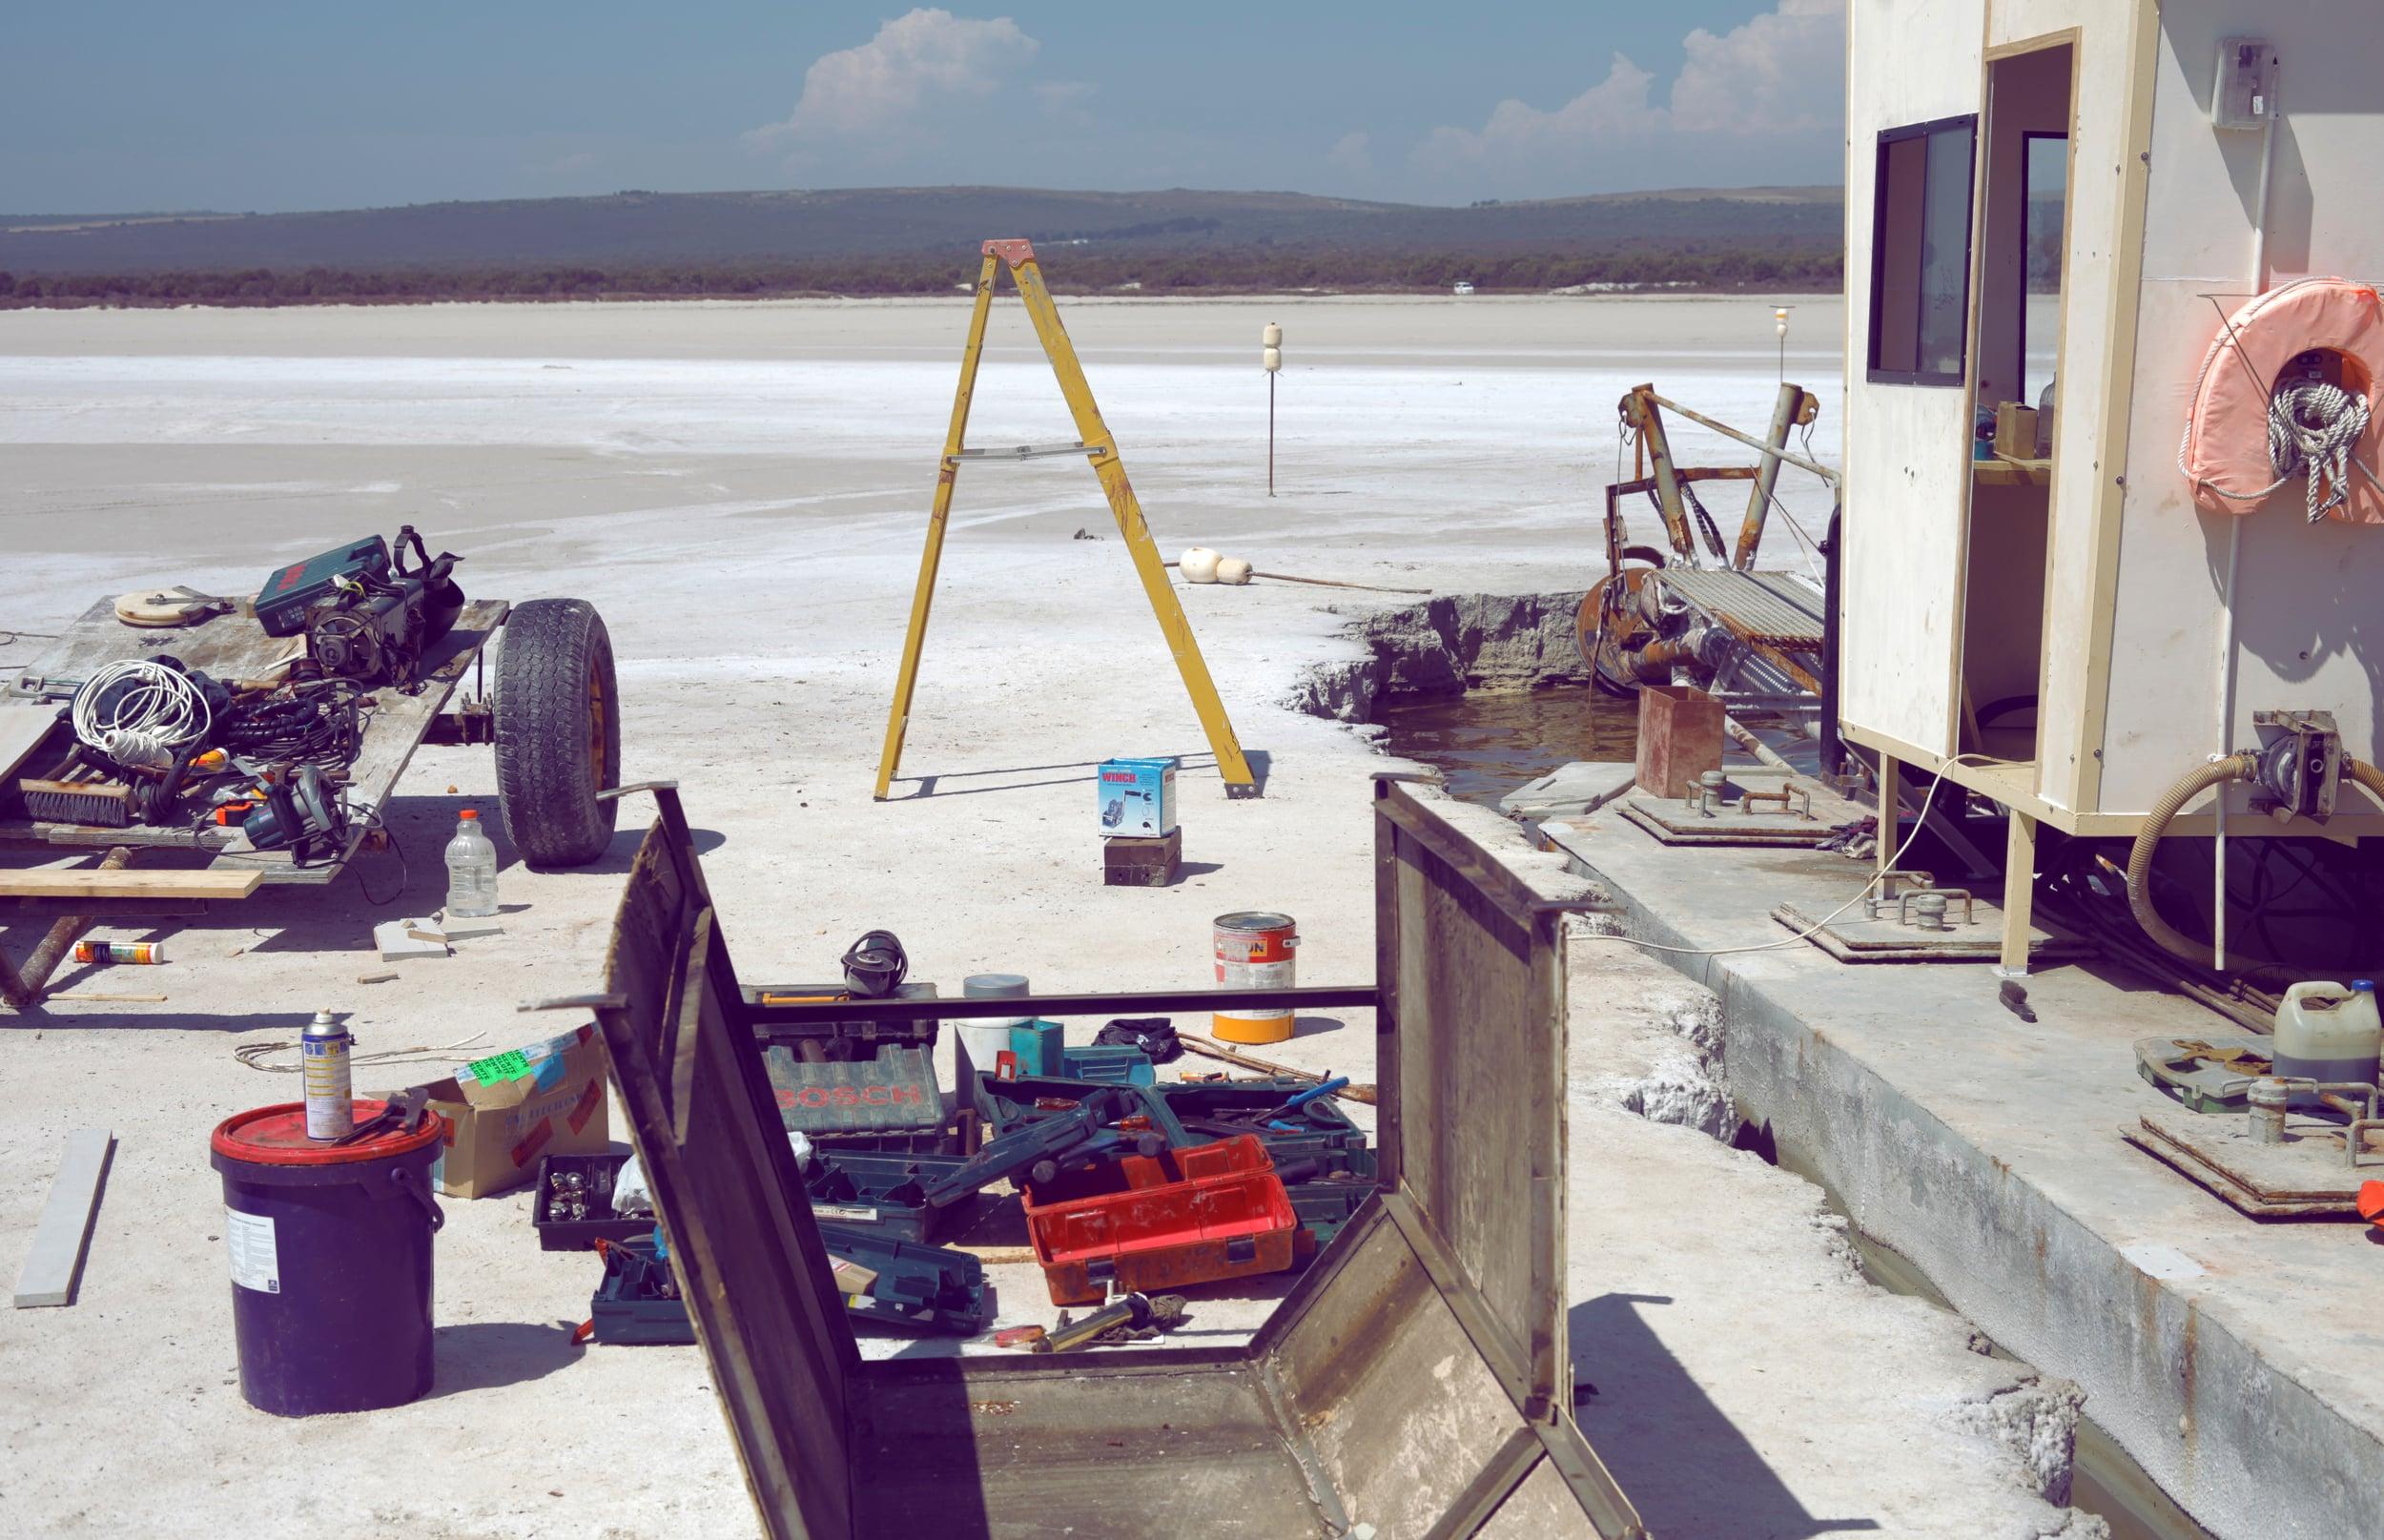 Salt flats SA IMG_7772.jpg